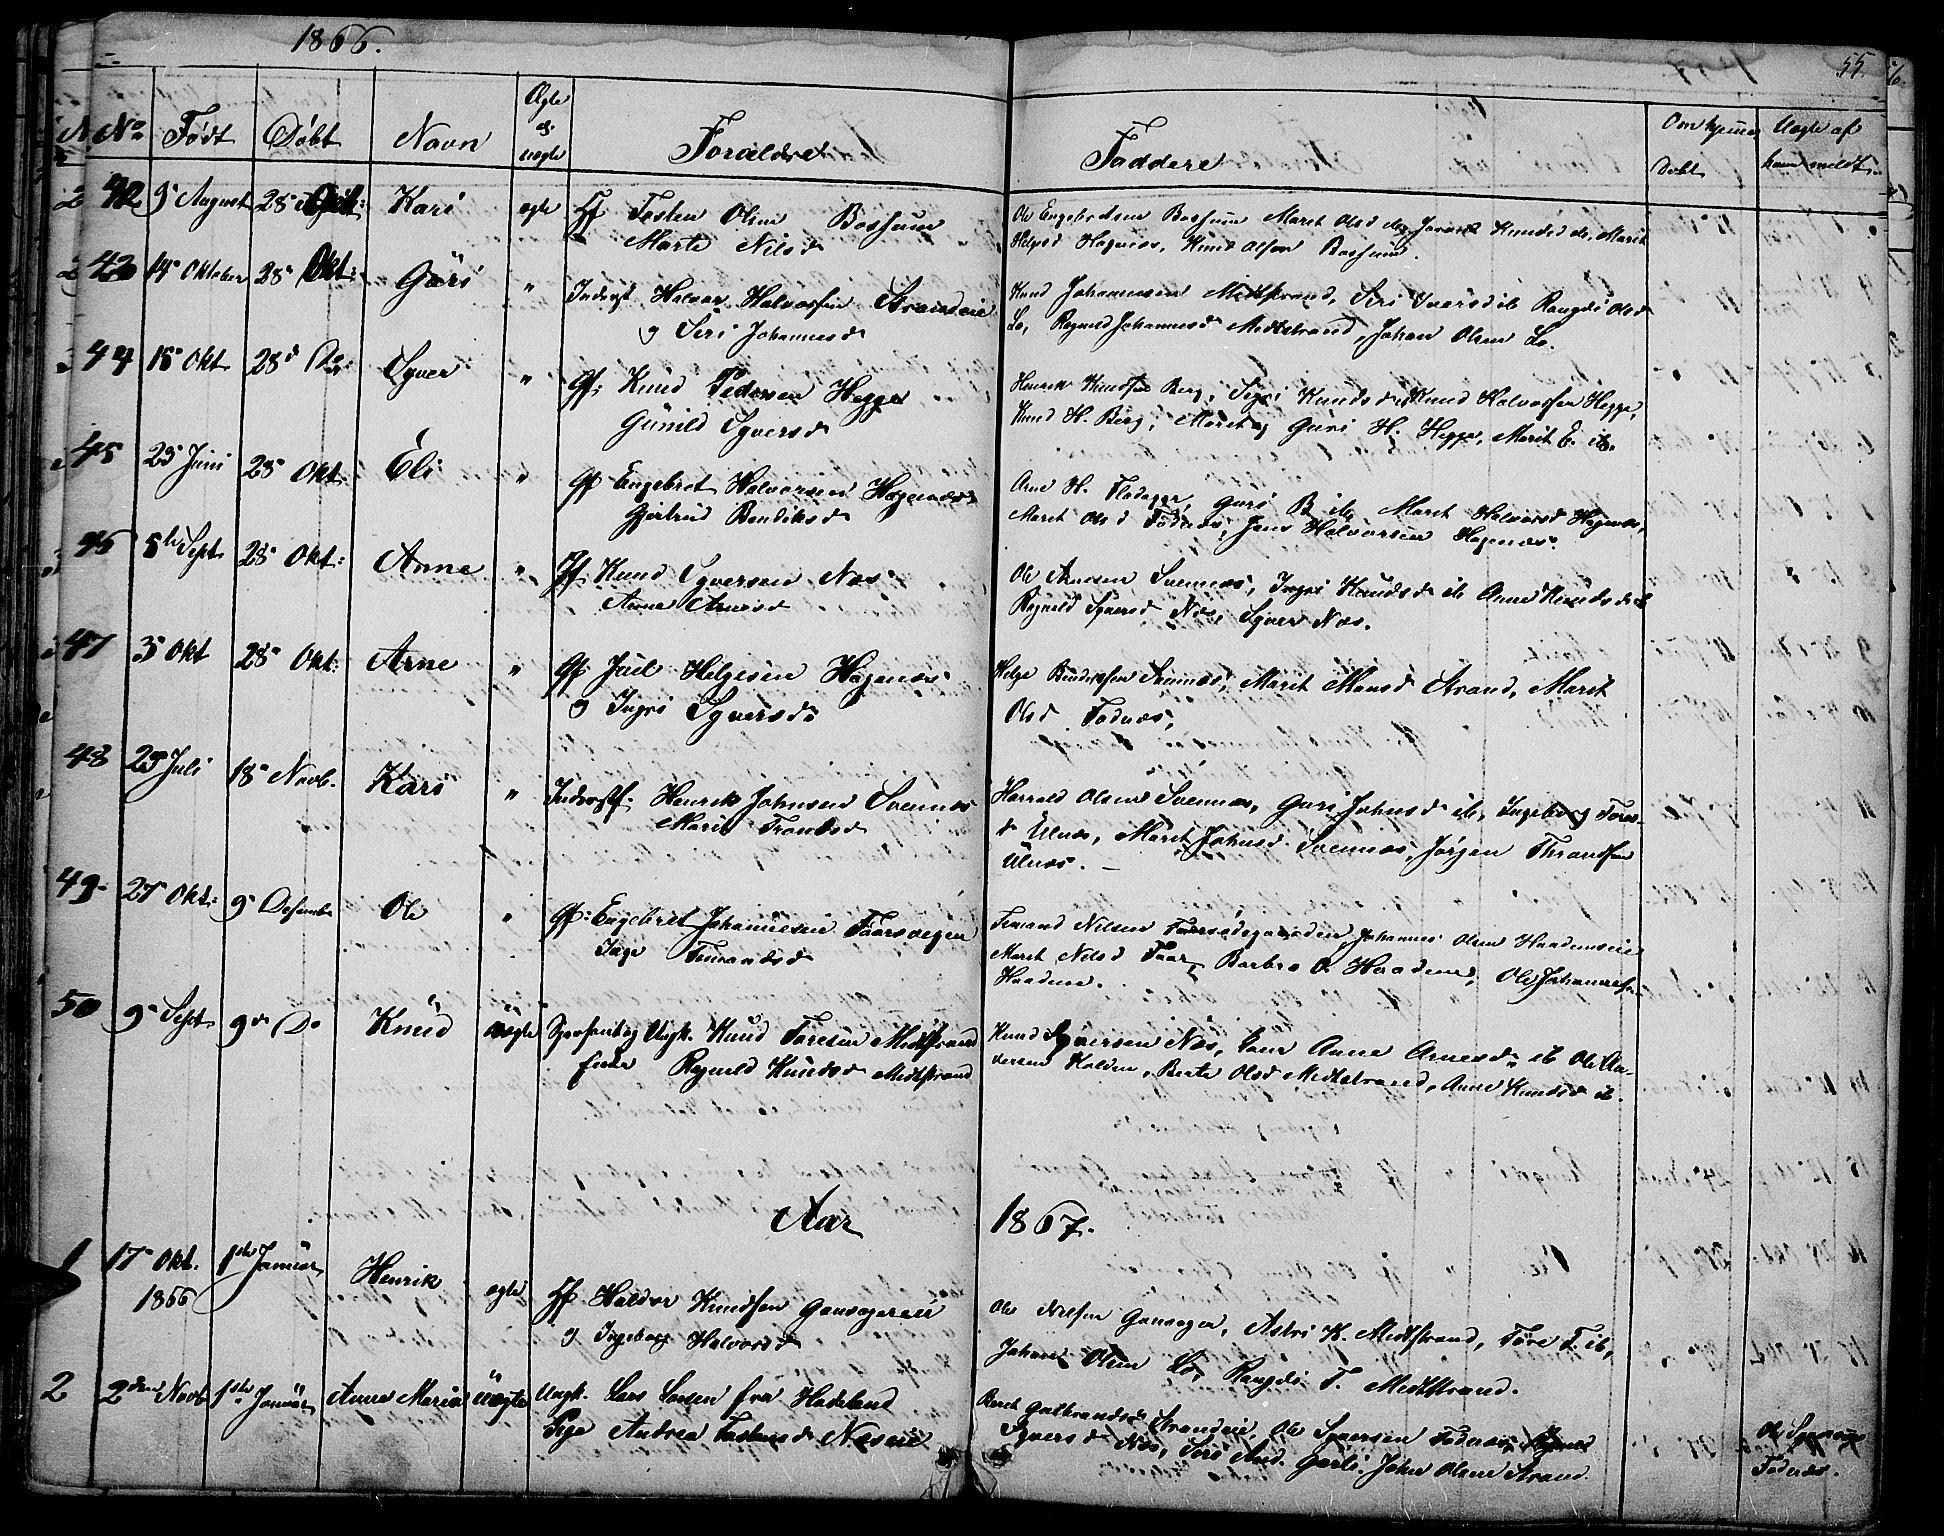 SAH, Nord-Aurdal prestekontor, Klokkerbok nr. 3, 1842-1882, s. 55